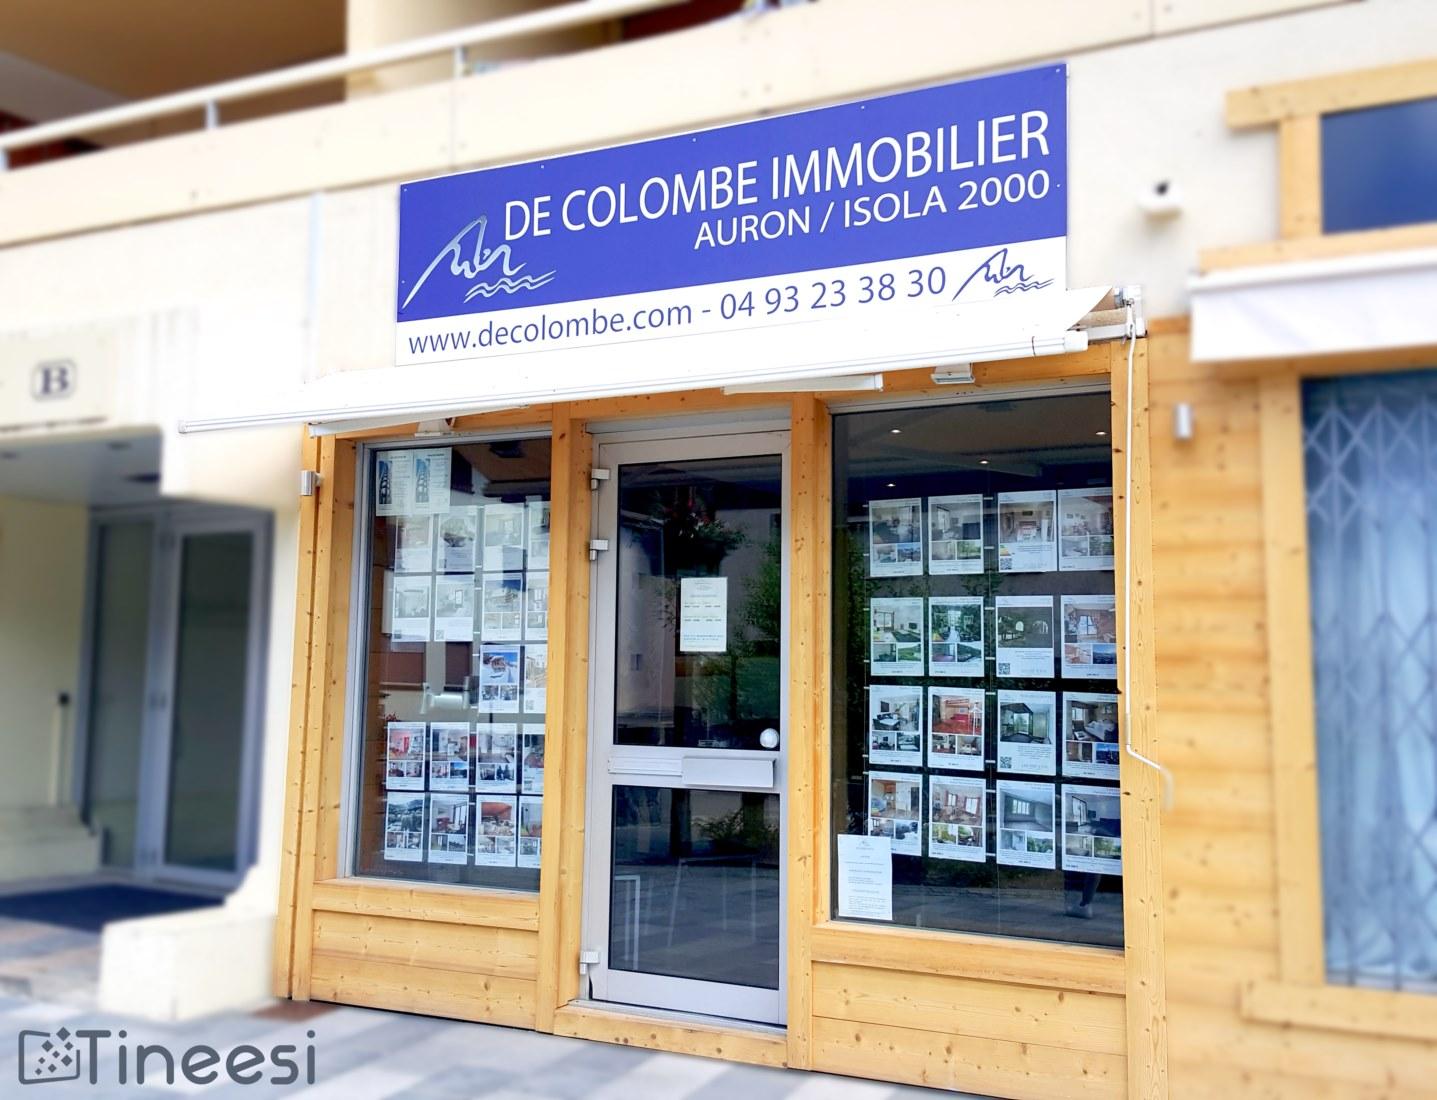 Panneau De Colombe immobilier - Auron